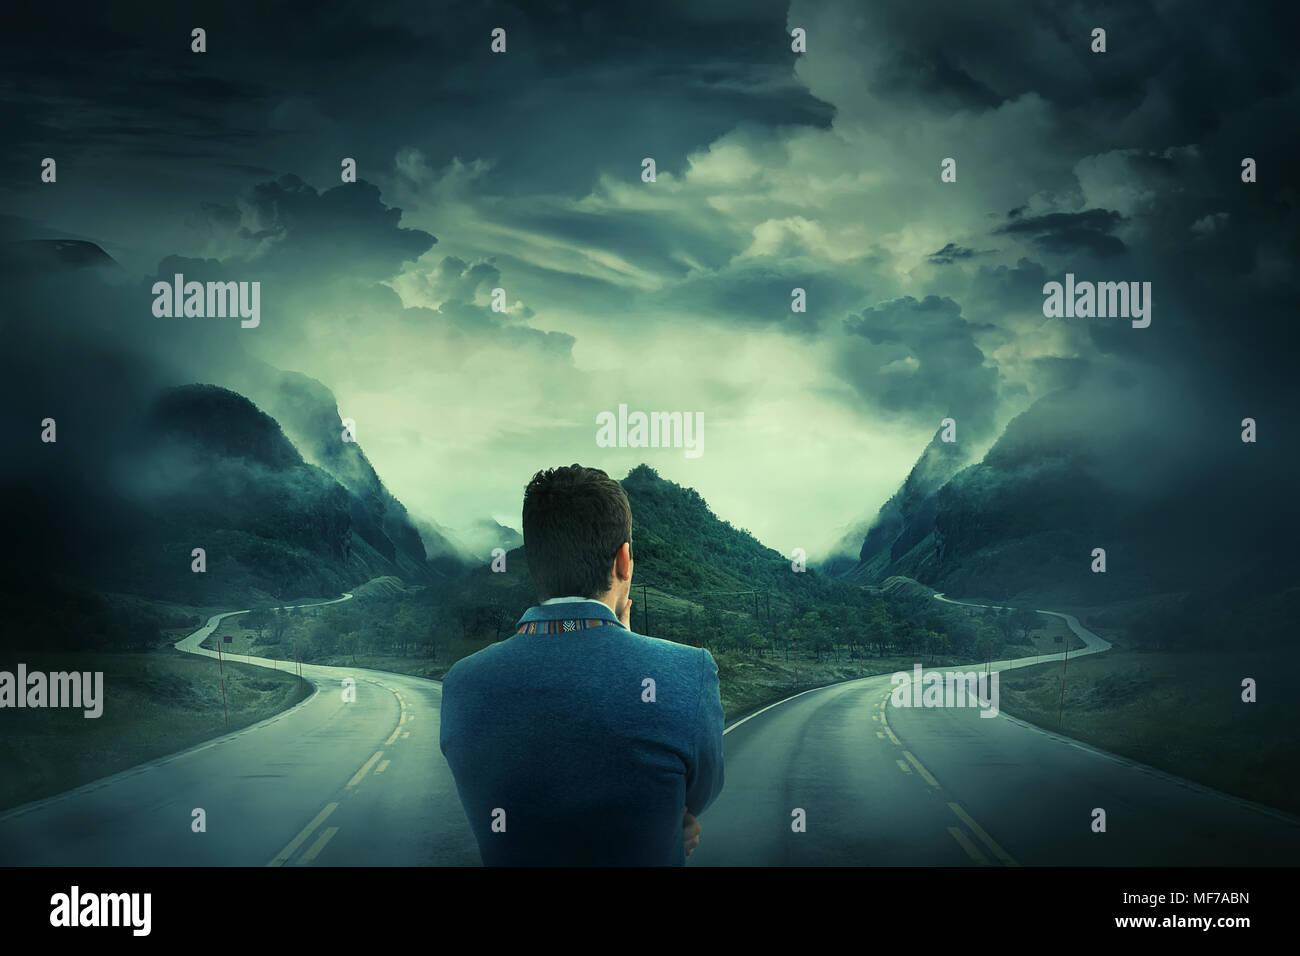 Vue arrière d'un homme d'en face d'un carrefour, fork junction où une route est séparée de deux façons différentes. Choisir le bon chemin entre lef Photo Stock